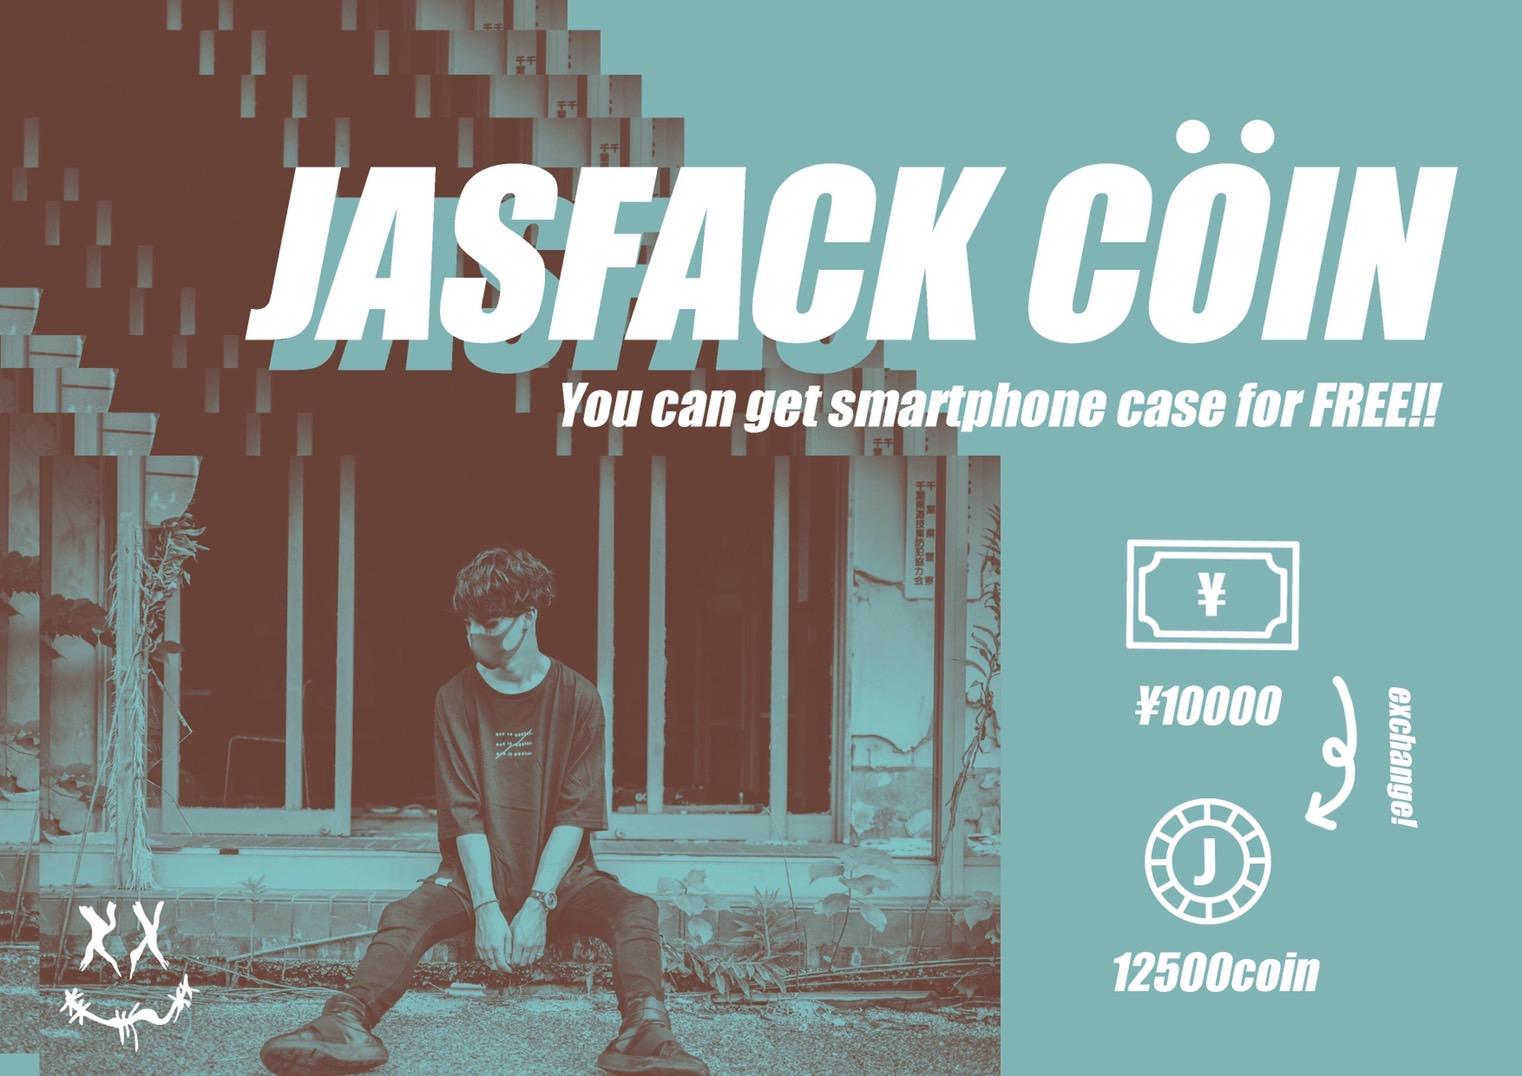 「10,000円で12,500コインとiPhoneケースプレゼントします。」